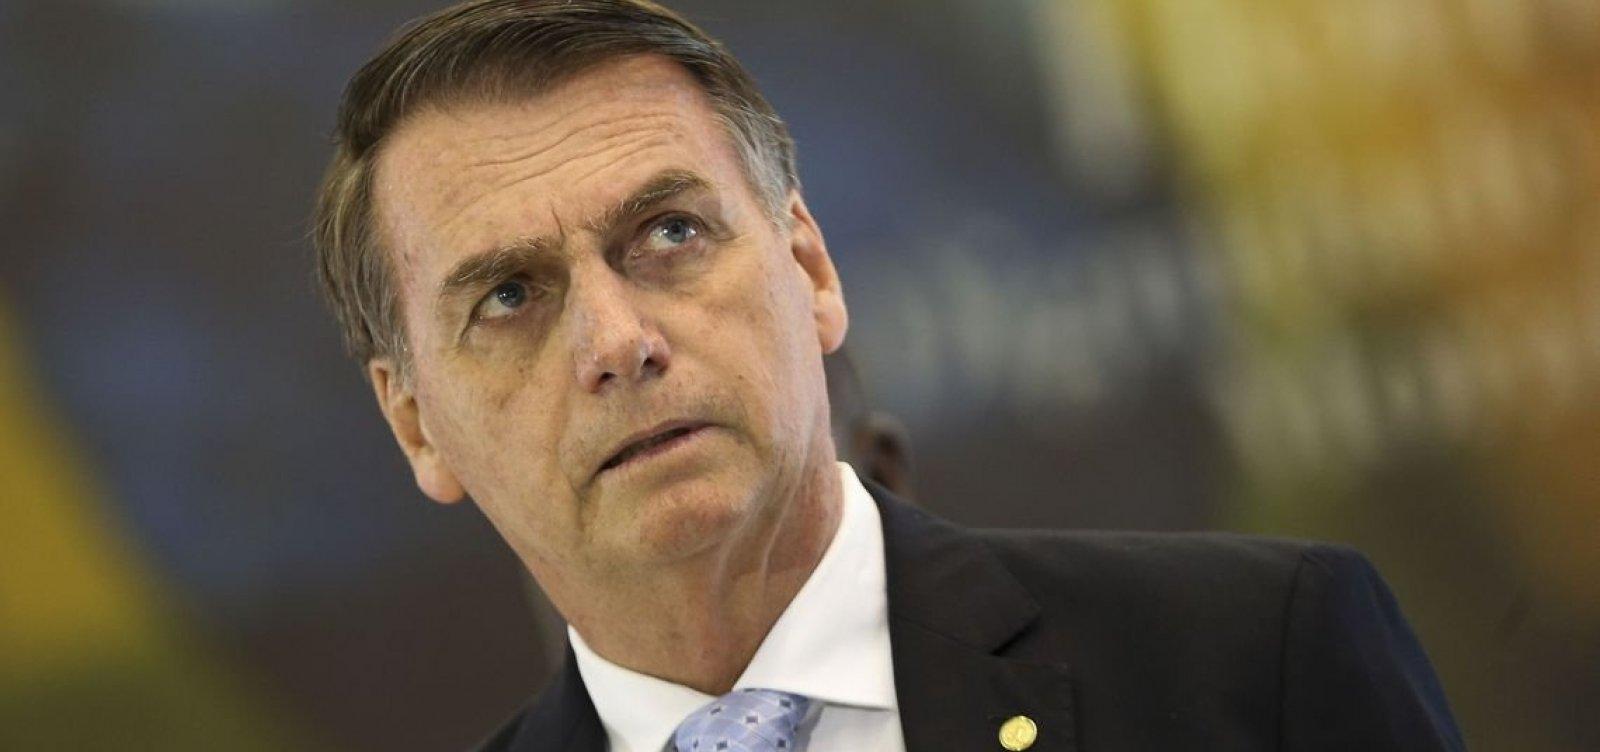 [ Bolsonaro diz ser censurado no WhatsApp e haver 'muita gente mais competente' que ele]